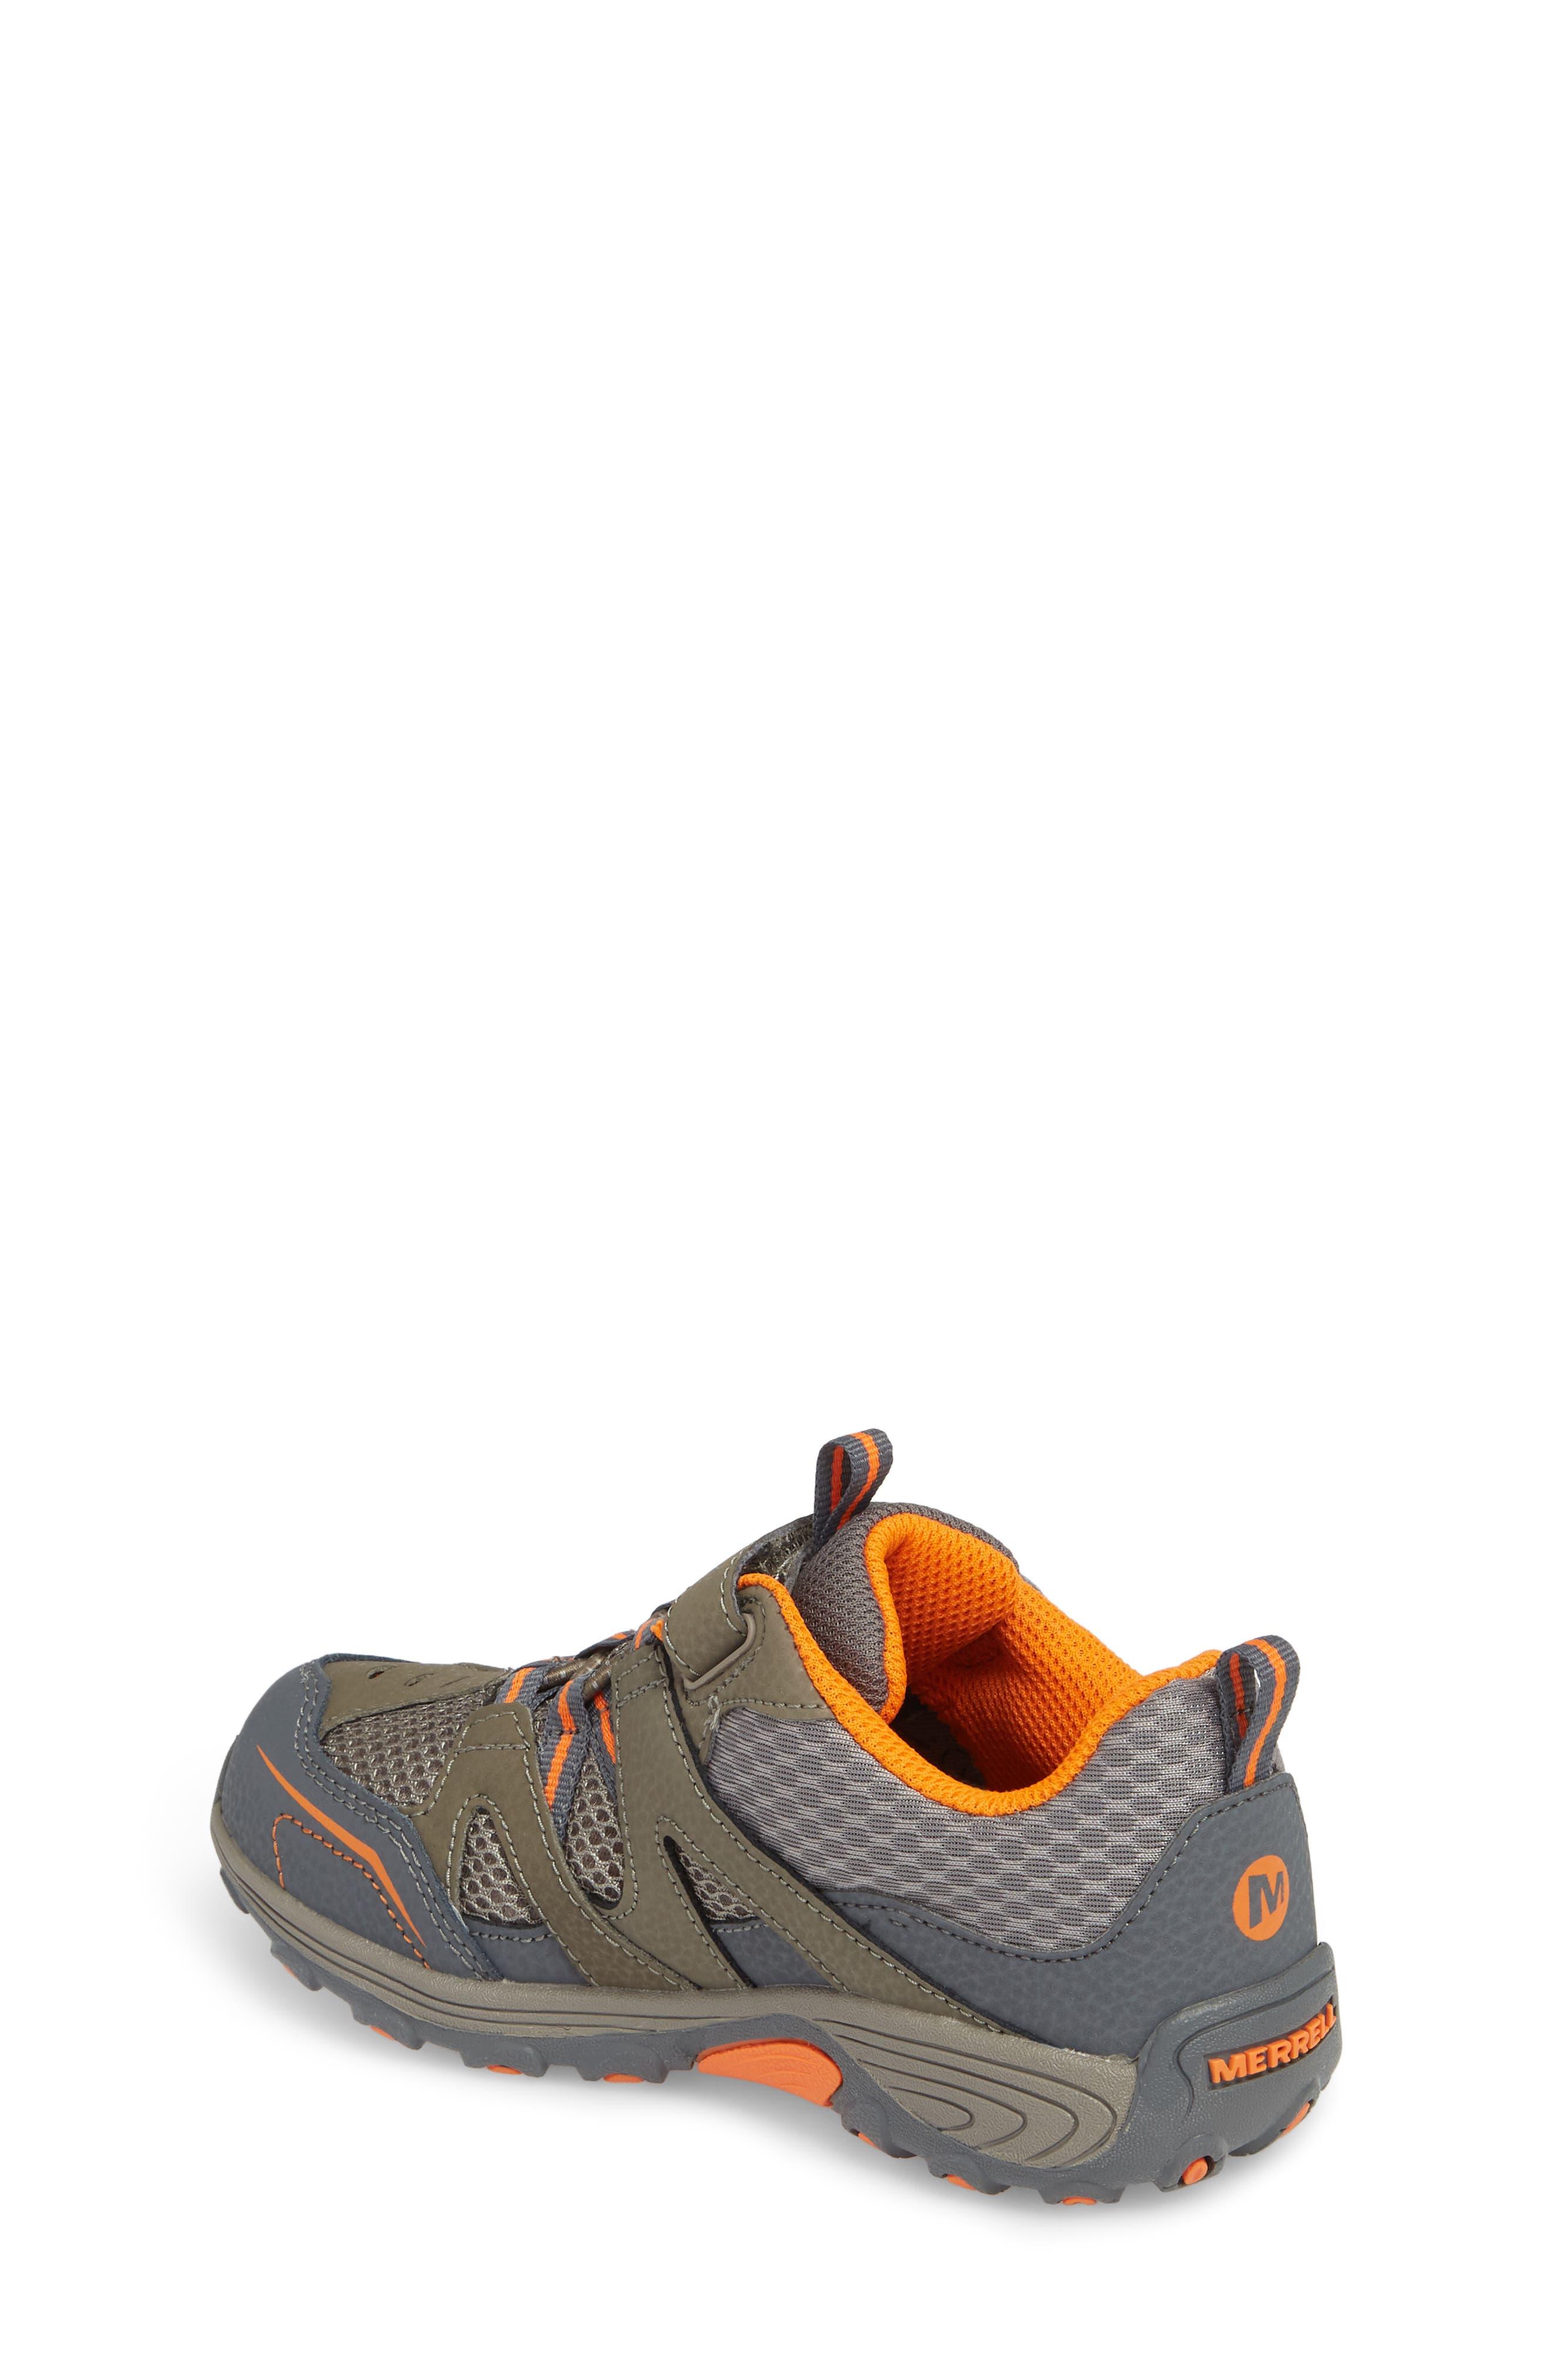 Trail Chaser Sneaker,                             Alternate thumbnail 2, color,                             GUNSMOKE/ ORANGE